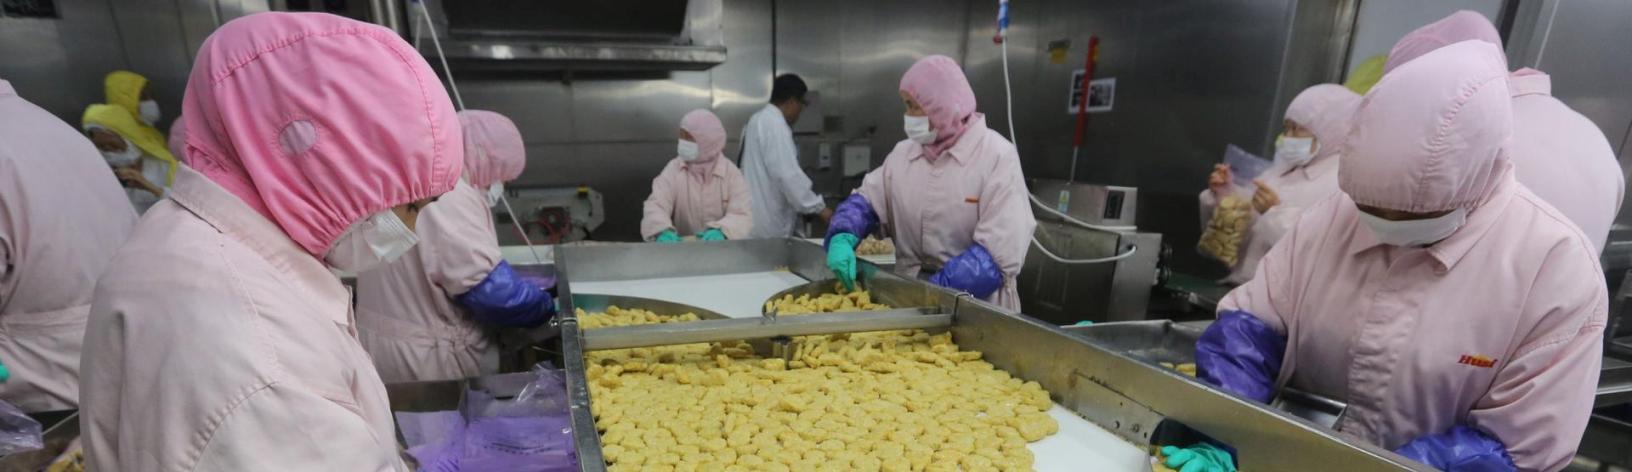 Ασφάλεια & Υγιεινή Τροφίμων: Από την Παραλαβή μέχρι την Παραγωγή Τελικών Προϊόντων (επίπεδο ΙΙ - στοιχεία αυτοέλεγχου βάση HACCP)